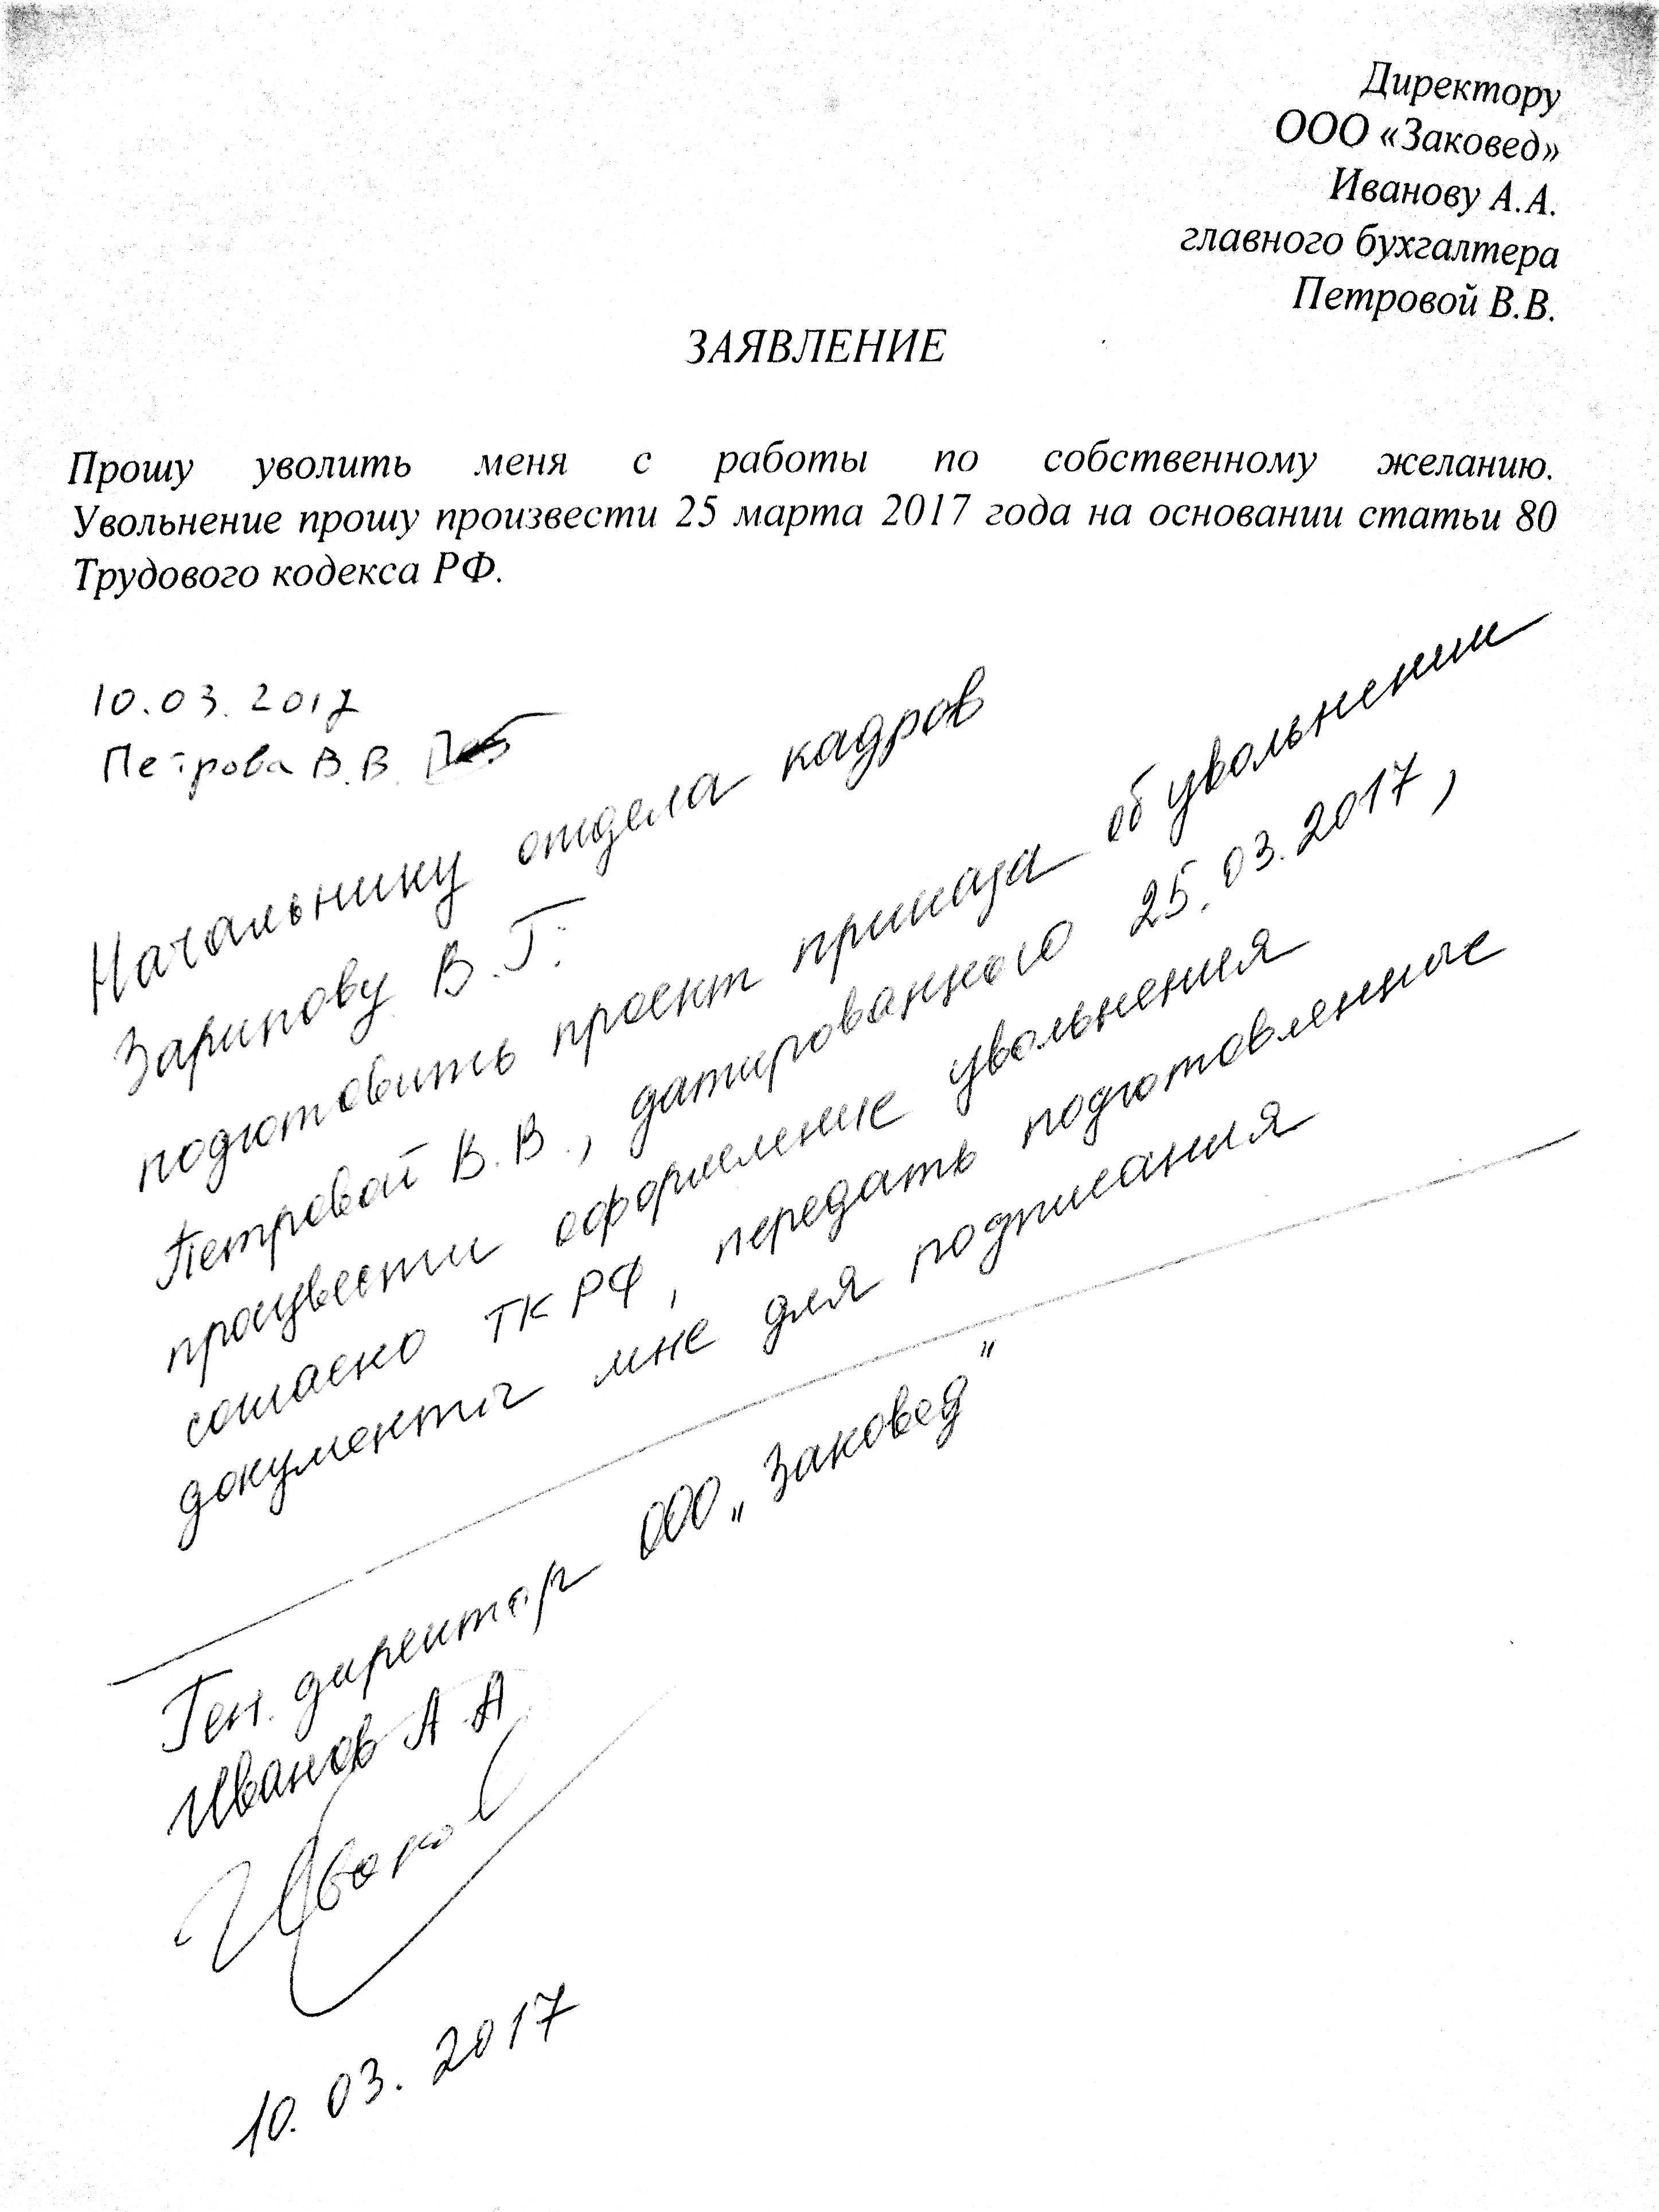 Резолюция на заявлении об увольнении